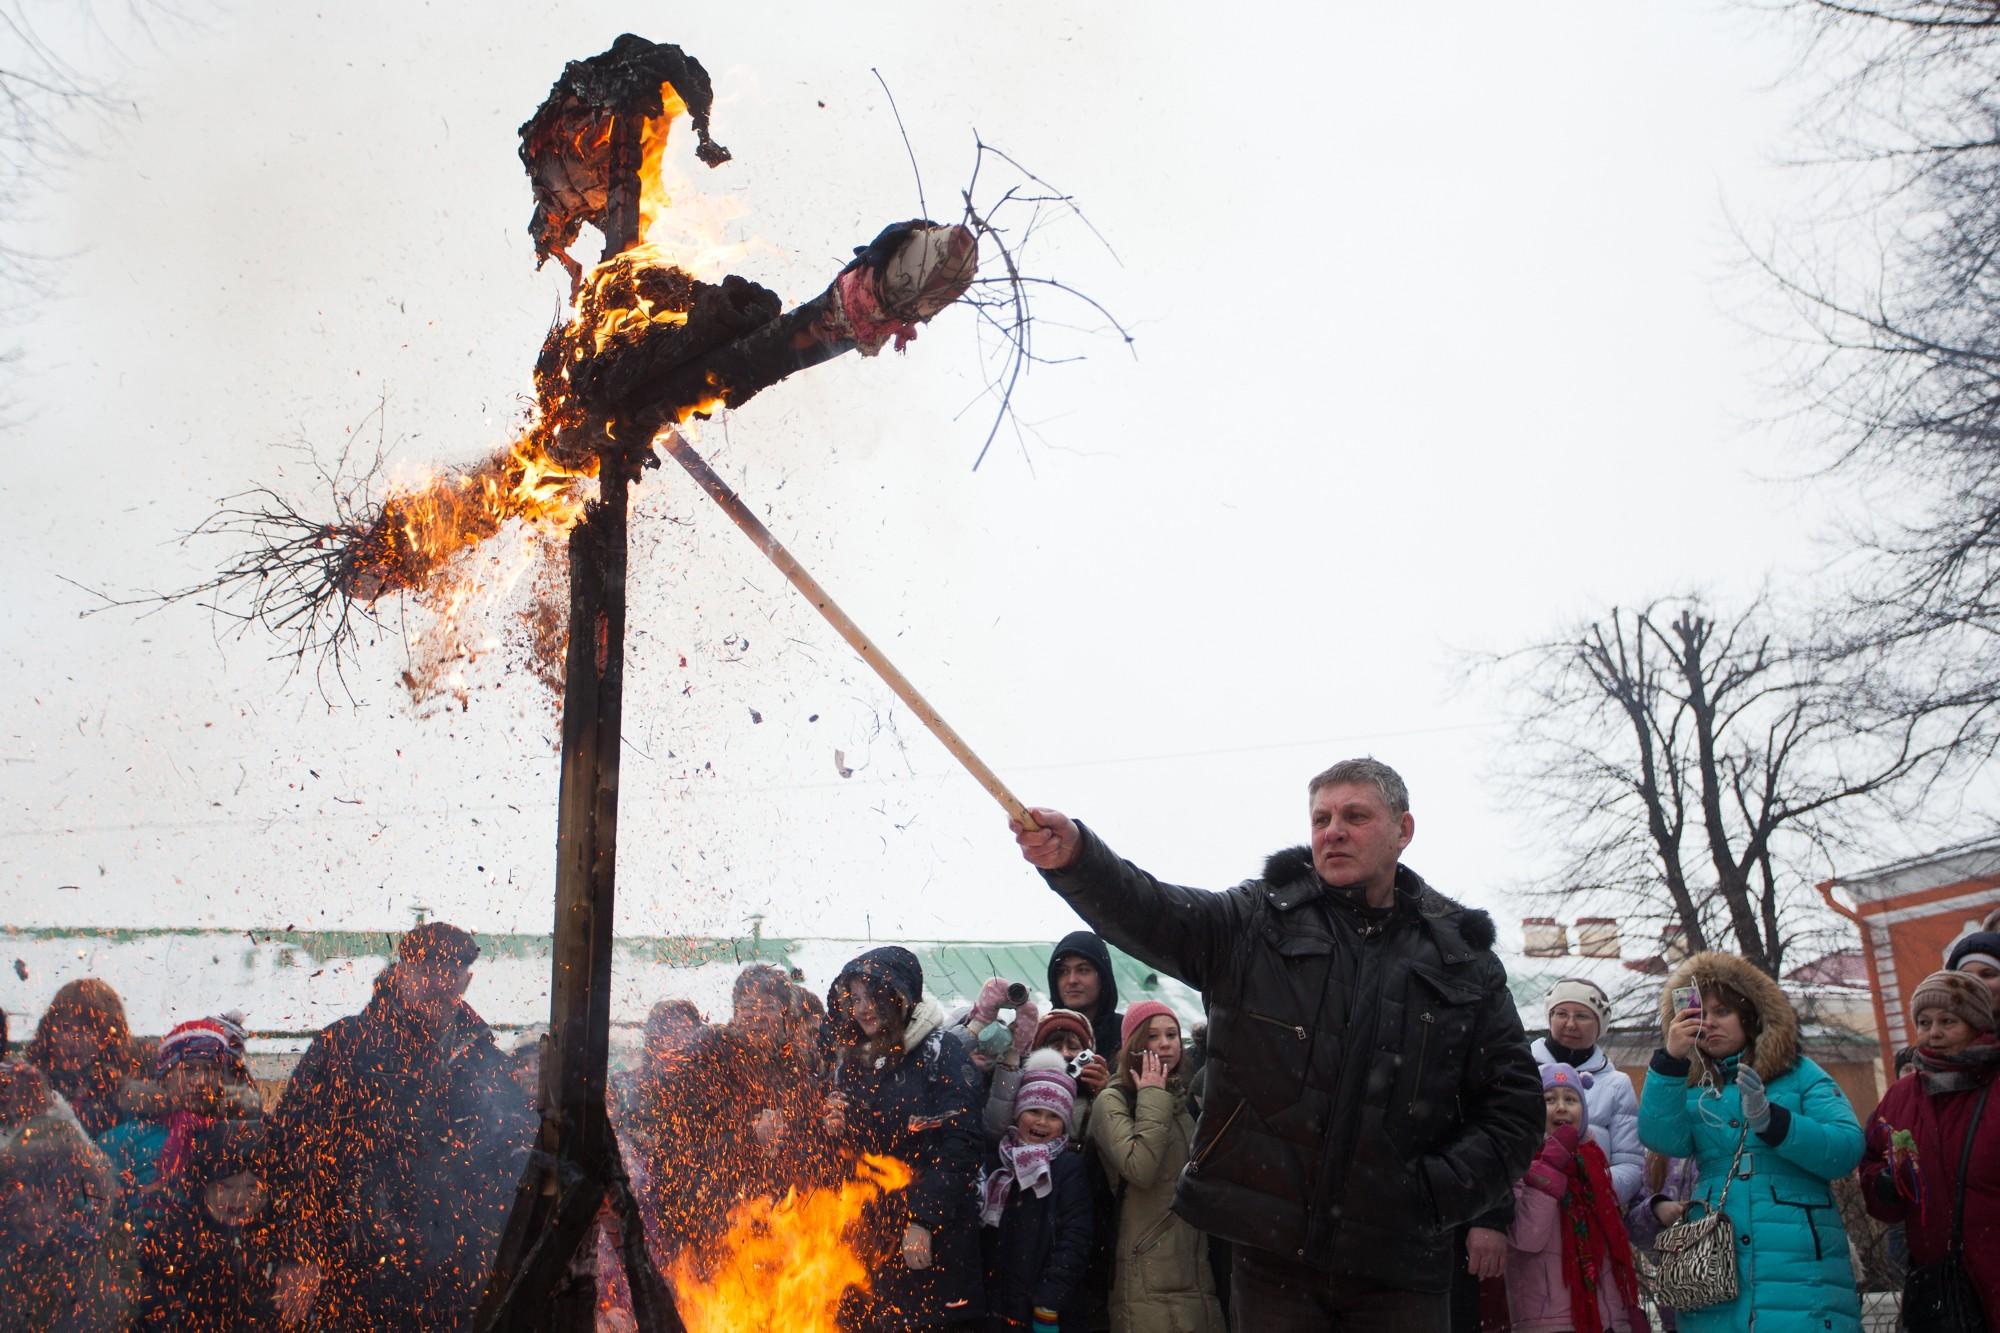 широкая масленица петропавловская крепость сожжение чучела